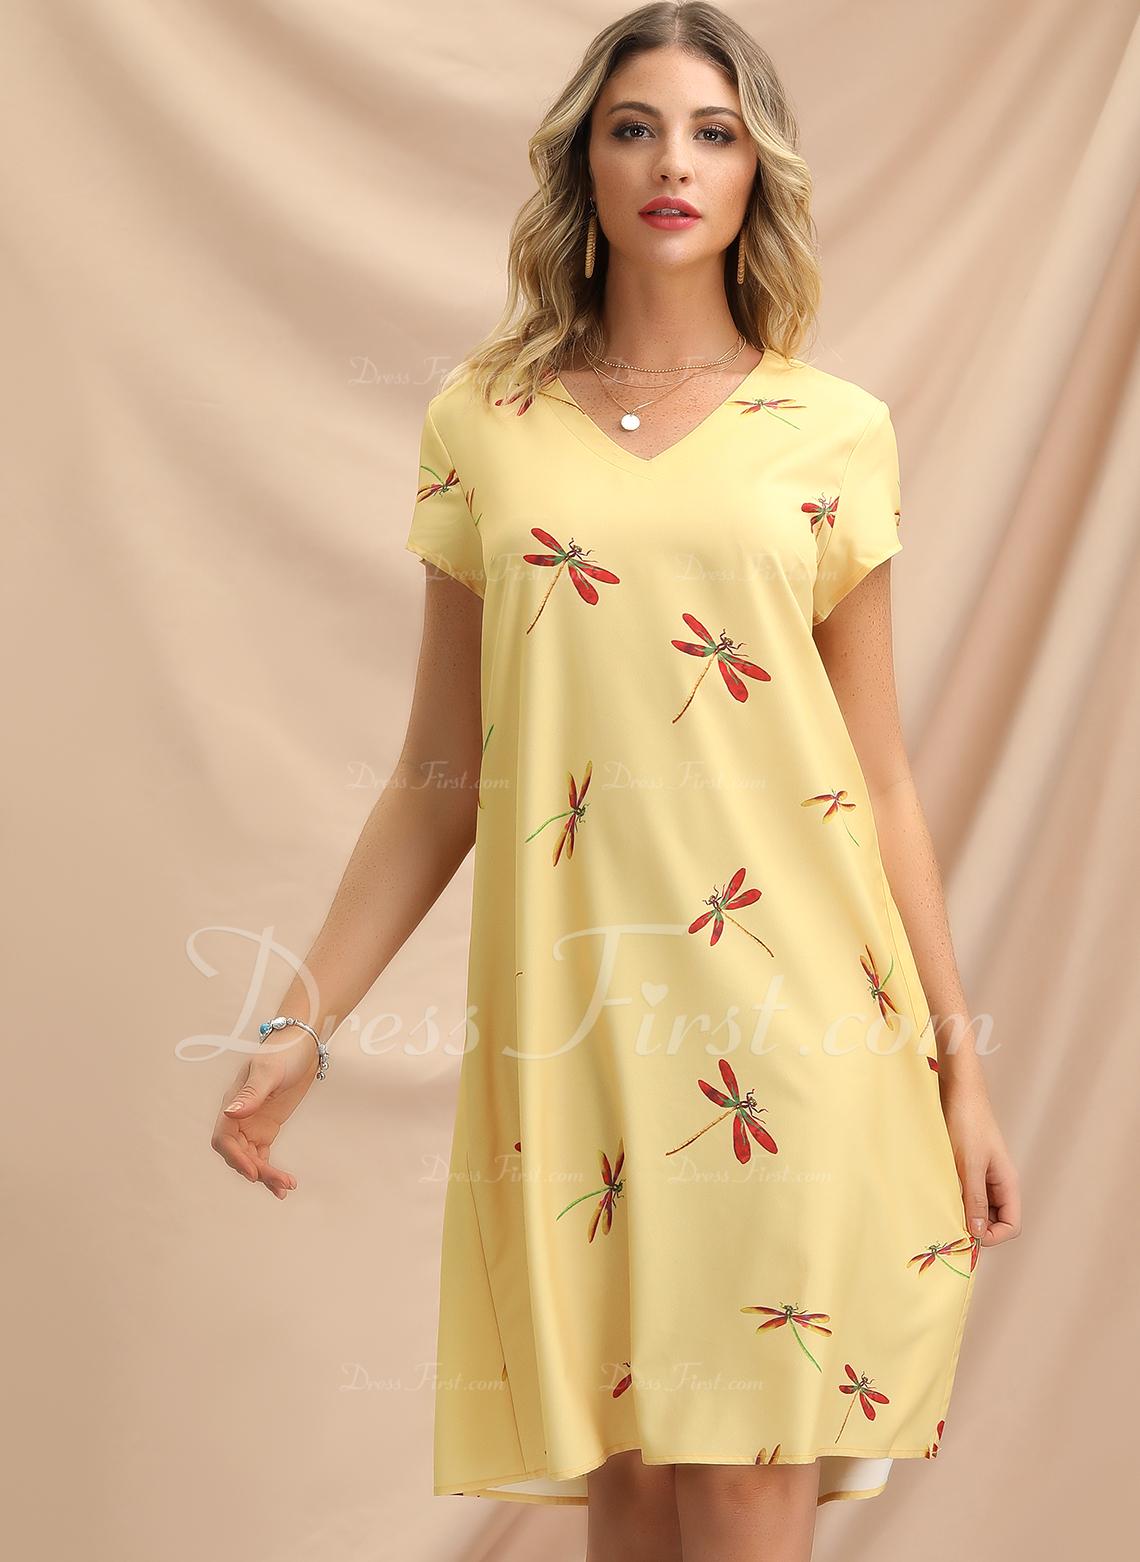 Kolano Długość Litera V Mieszanki bawełniane Wydrukować Krótkie Rękawy Modne Suknie